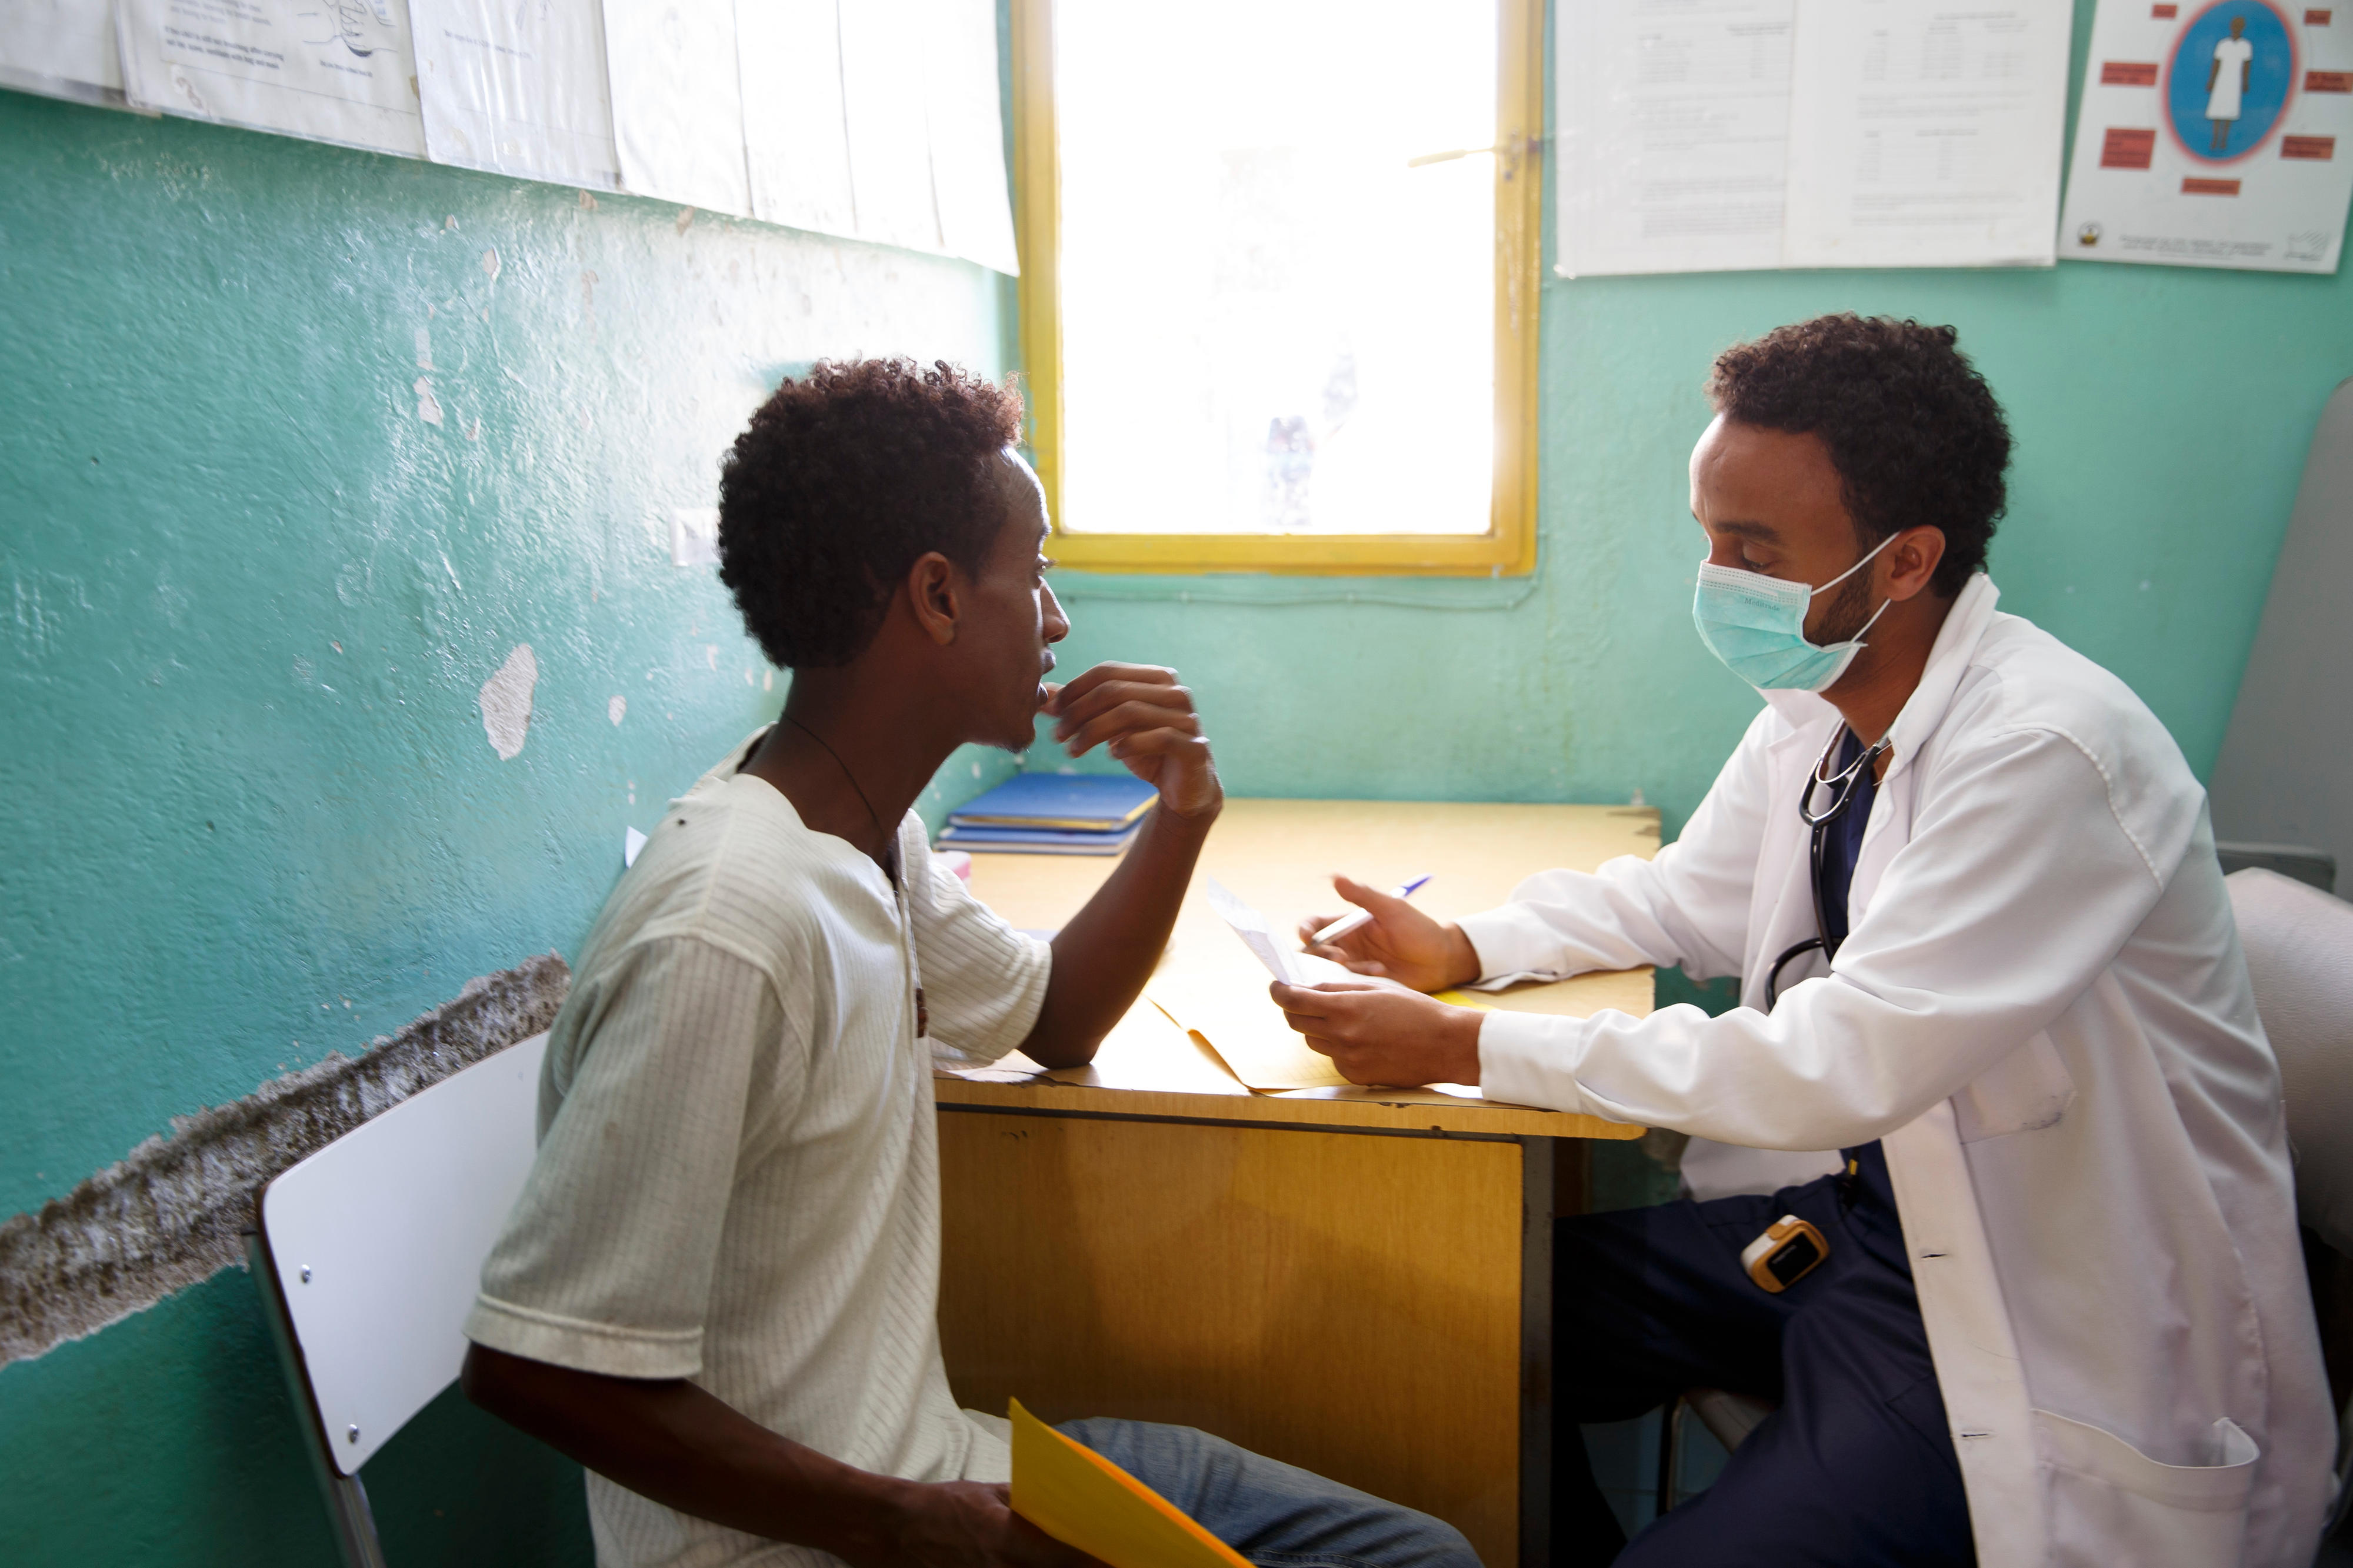 Gespräch zwischen einem Arzt und einem Patienten im Internationalen Kinderkrankenhaus in Asmara, der Hauptstadt von Eritrea